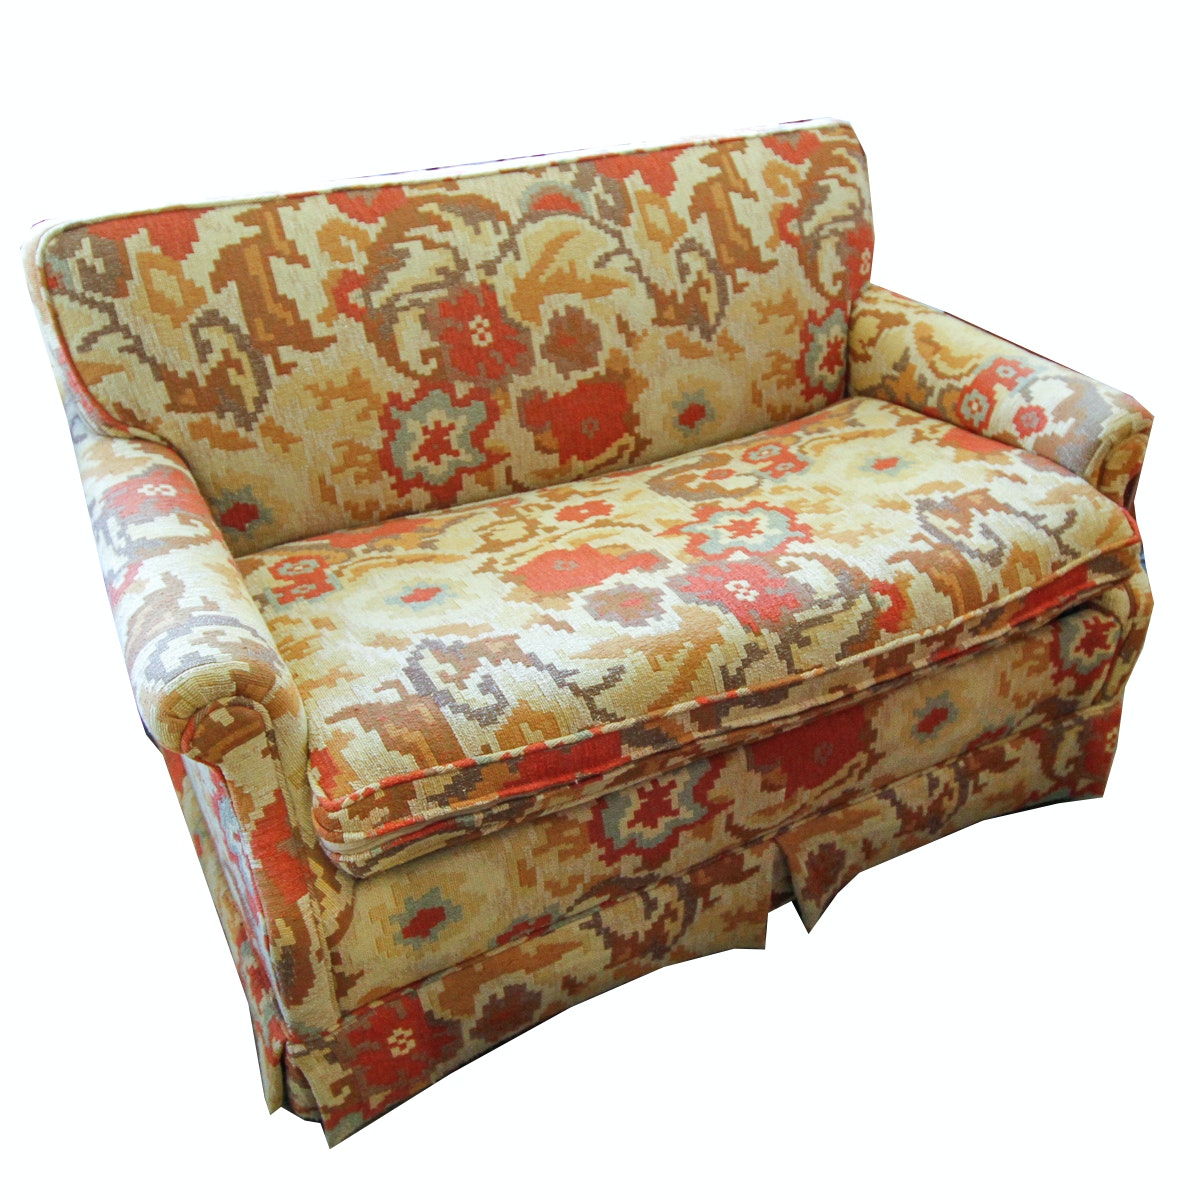 Vintage Love Seat Sleeper